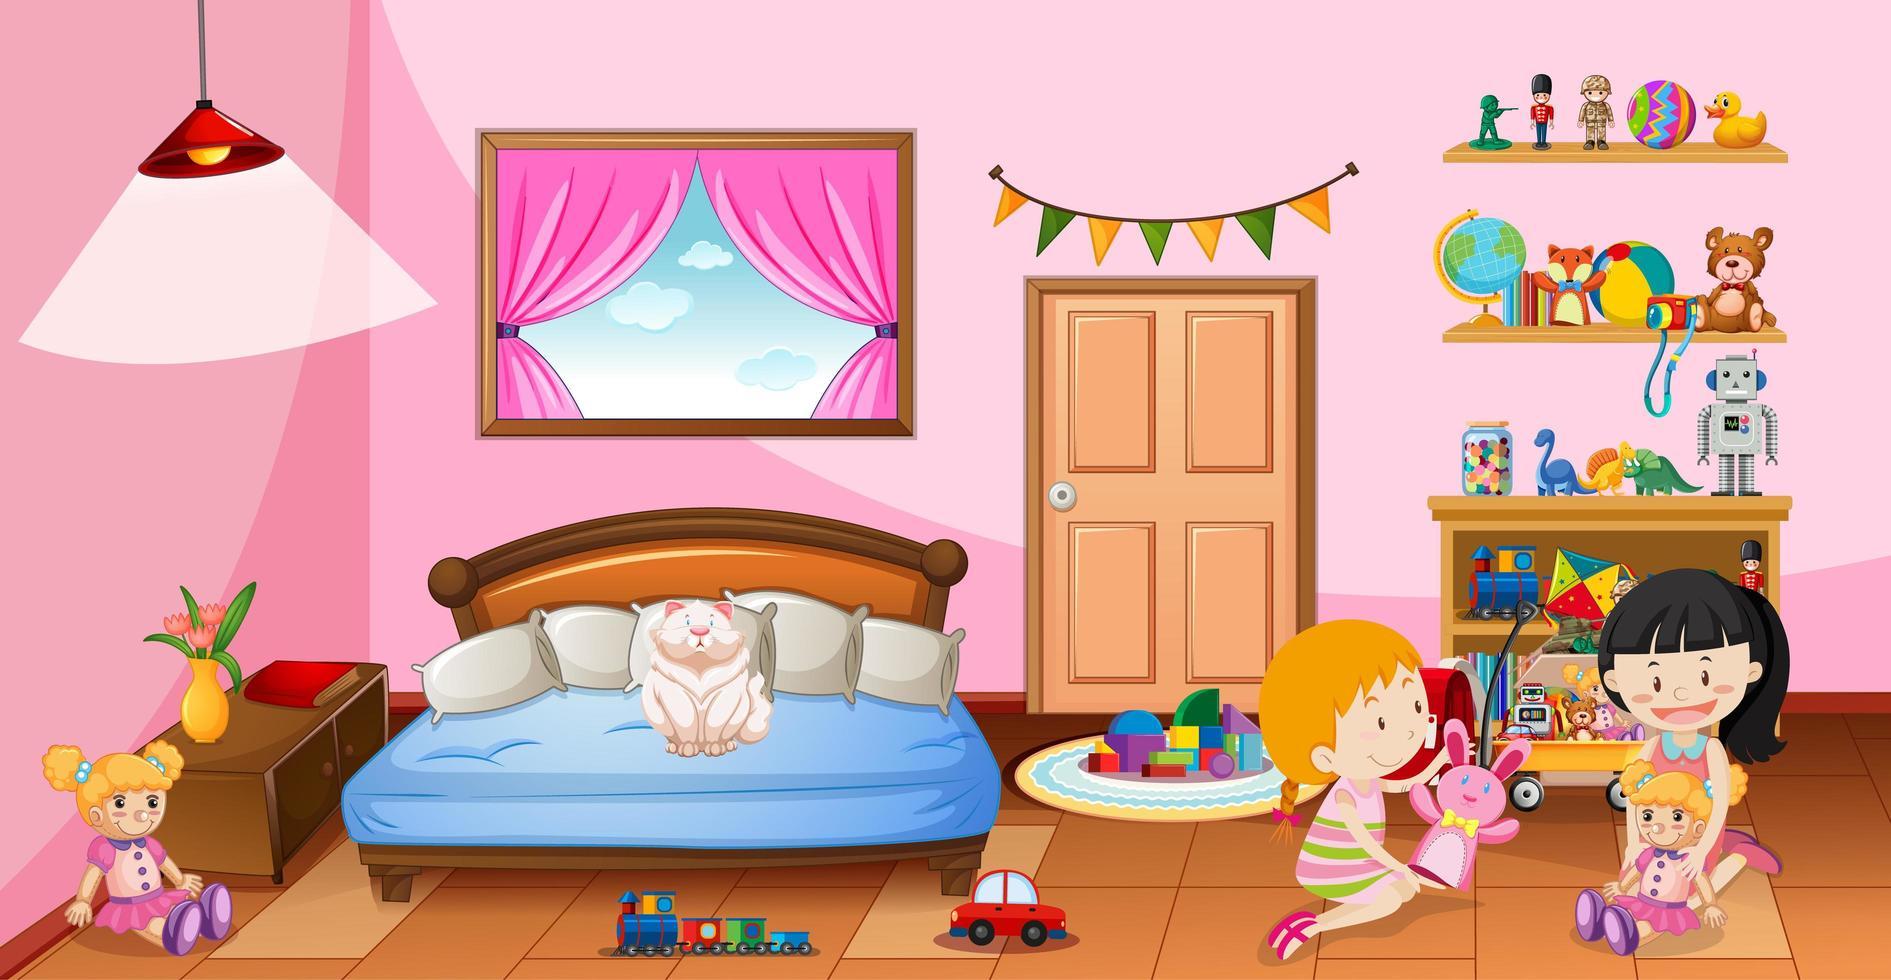 jolies filles jouant avec leurs jouets dans la scène de la chambre rose vecteur